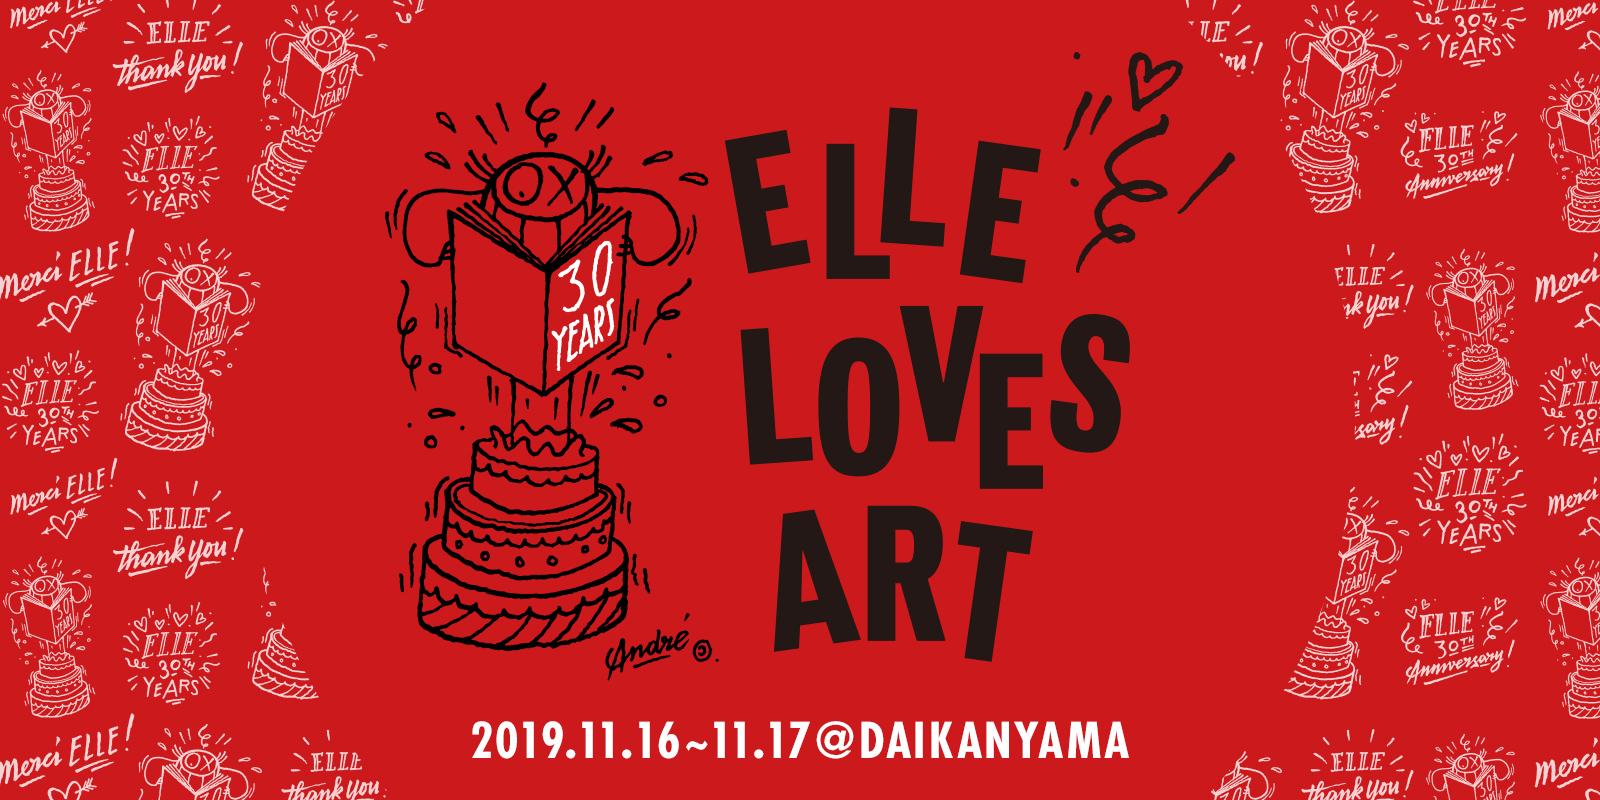 『ELLE Japon』創刊30周年記念のアート展「ELLE LOVES ART」が開催! 国内外のアートシーンで活躍するアーティスト30組の作品が一堂に。